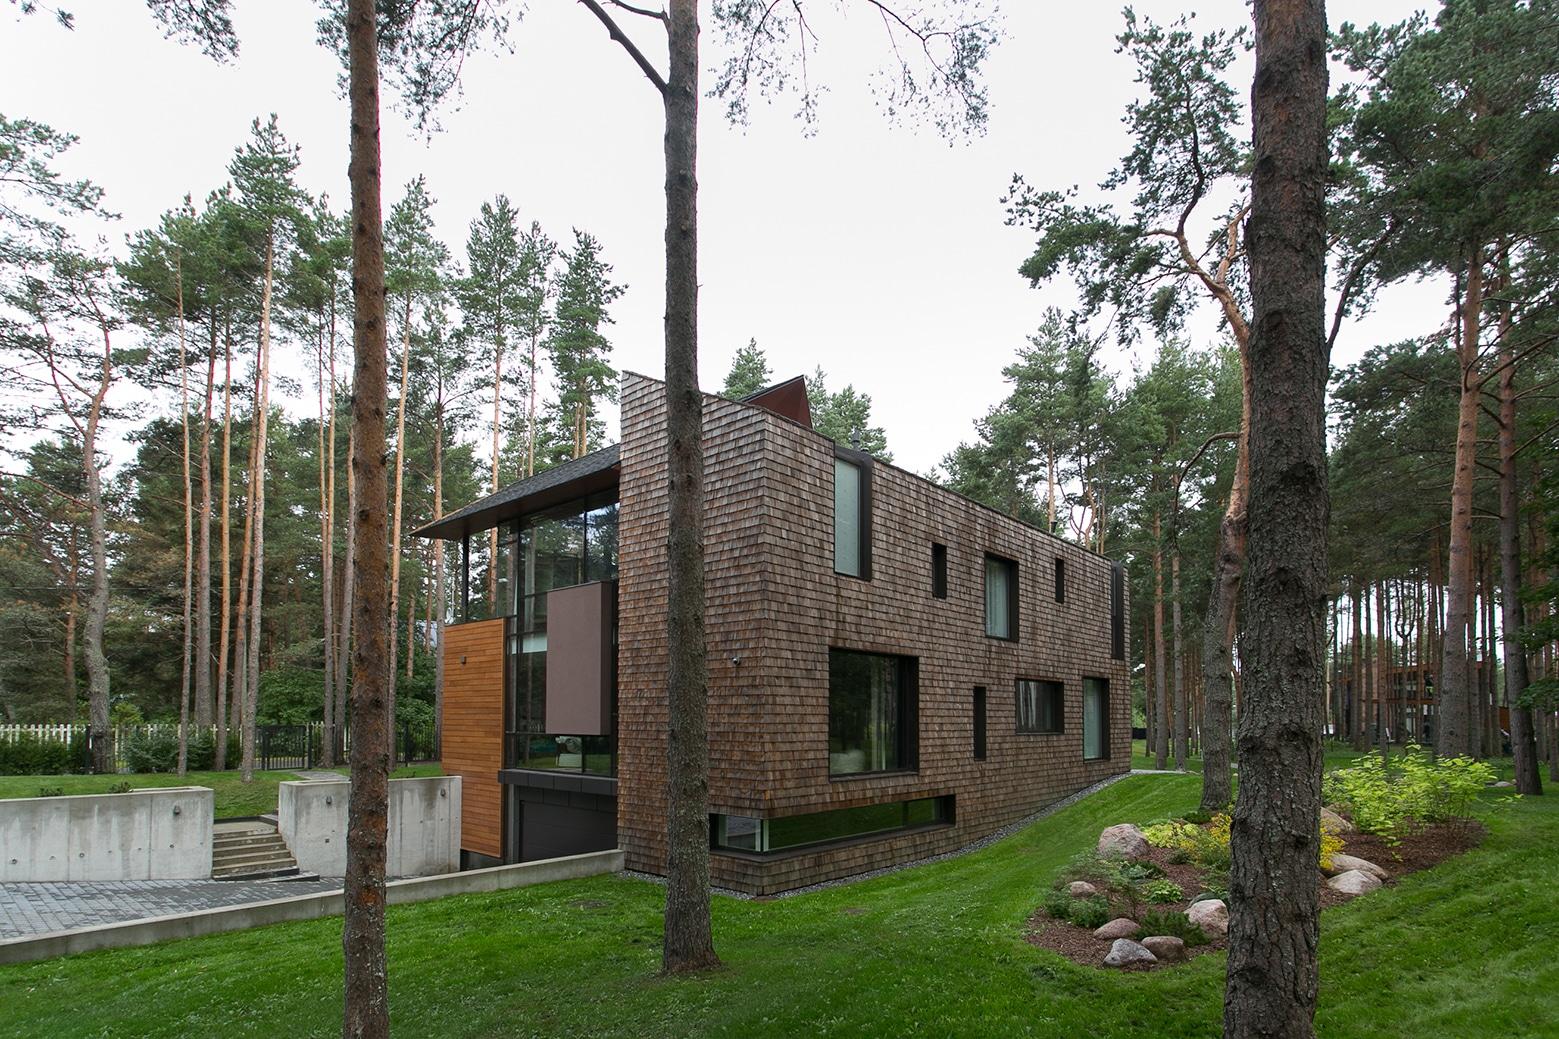 Perspectiva de moderna casa de campo construye hogar for Diseno de casas de campo modernas